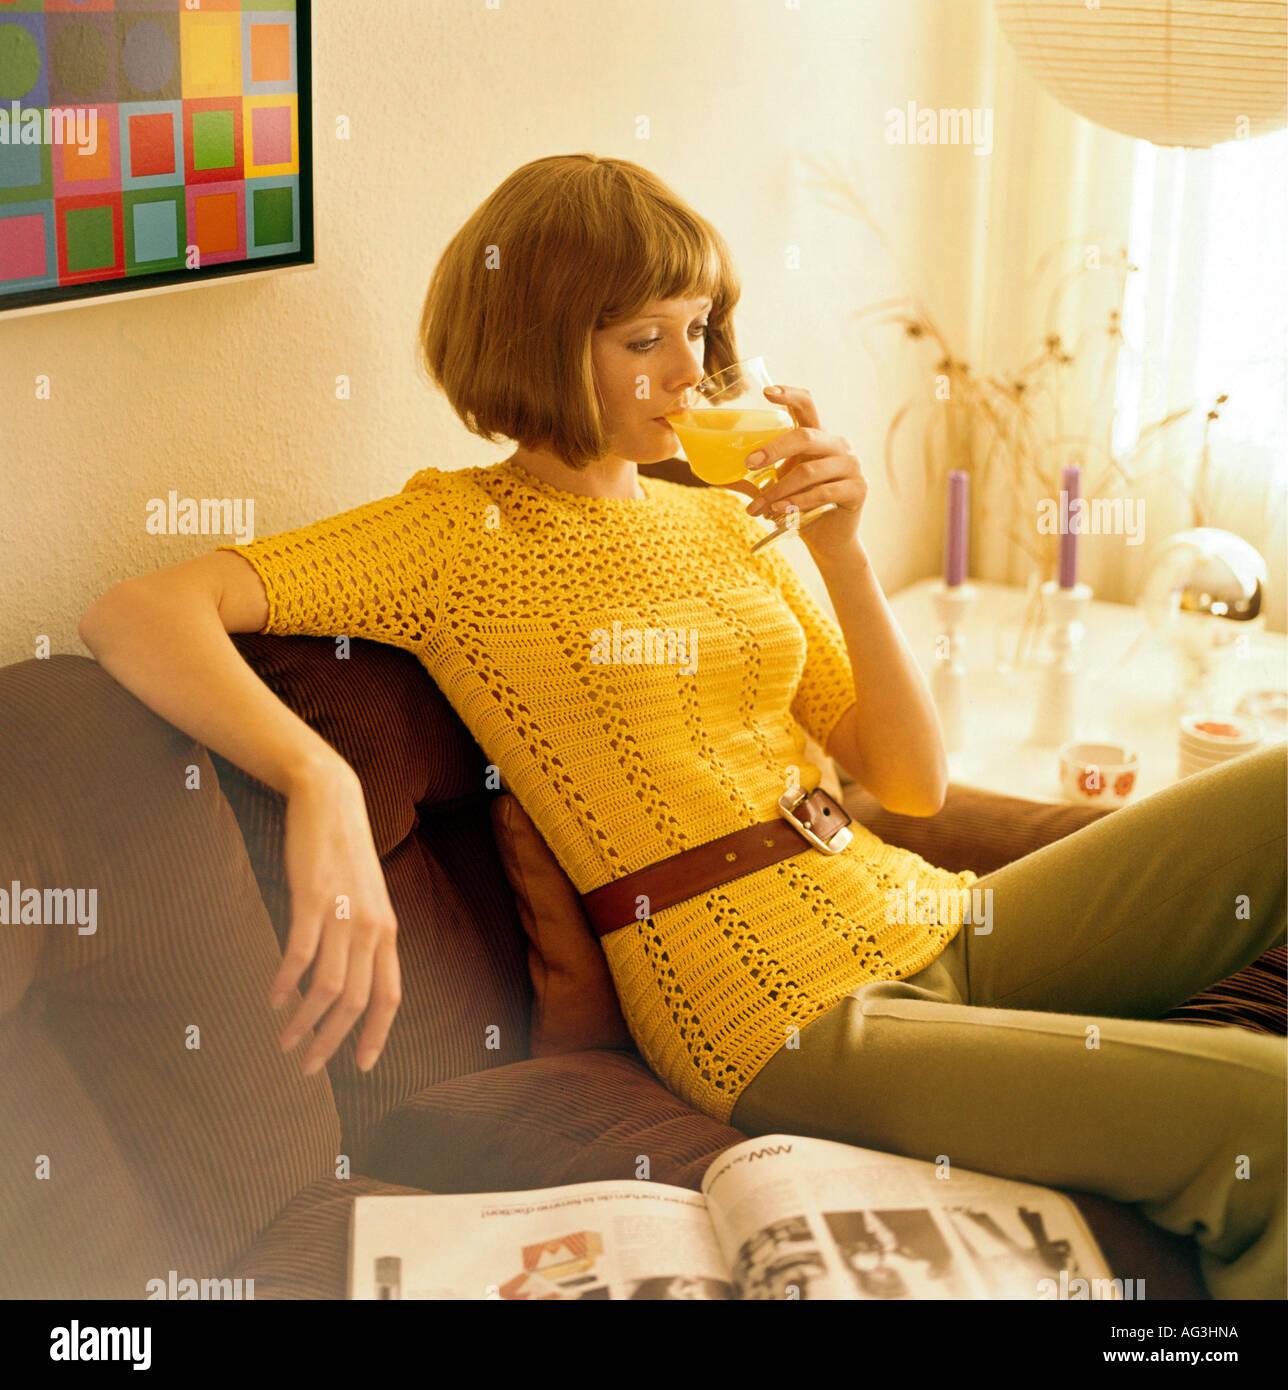 Algunas personas, mujeres, 1960, una mujer sentada sobre una cuerda de sofá y beber jugo de naranja, de longitud media, la moda, los 60s, históricos, históricos, suéter, tejido a crochet, ganchillo, estilo pageboy, 20th century, femenina Additional-Rights-juegos-NA Imagen De Stock